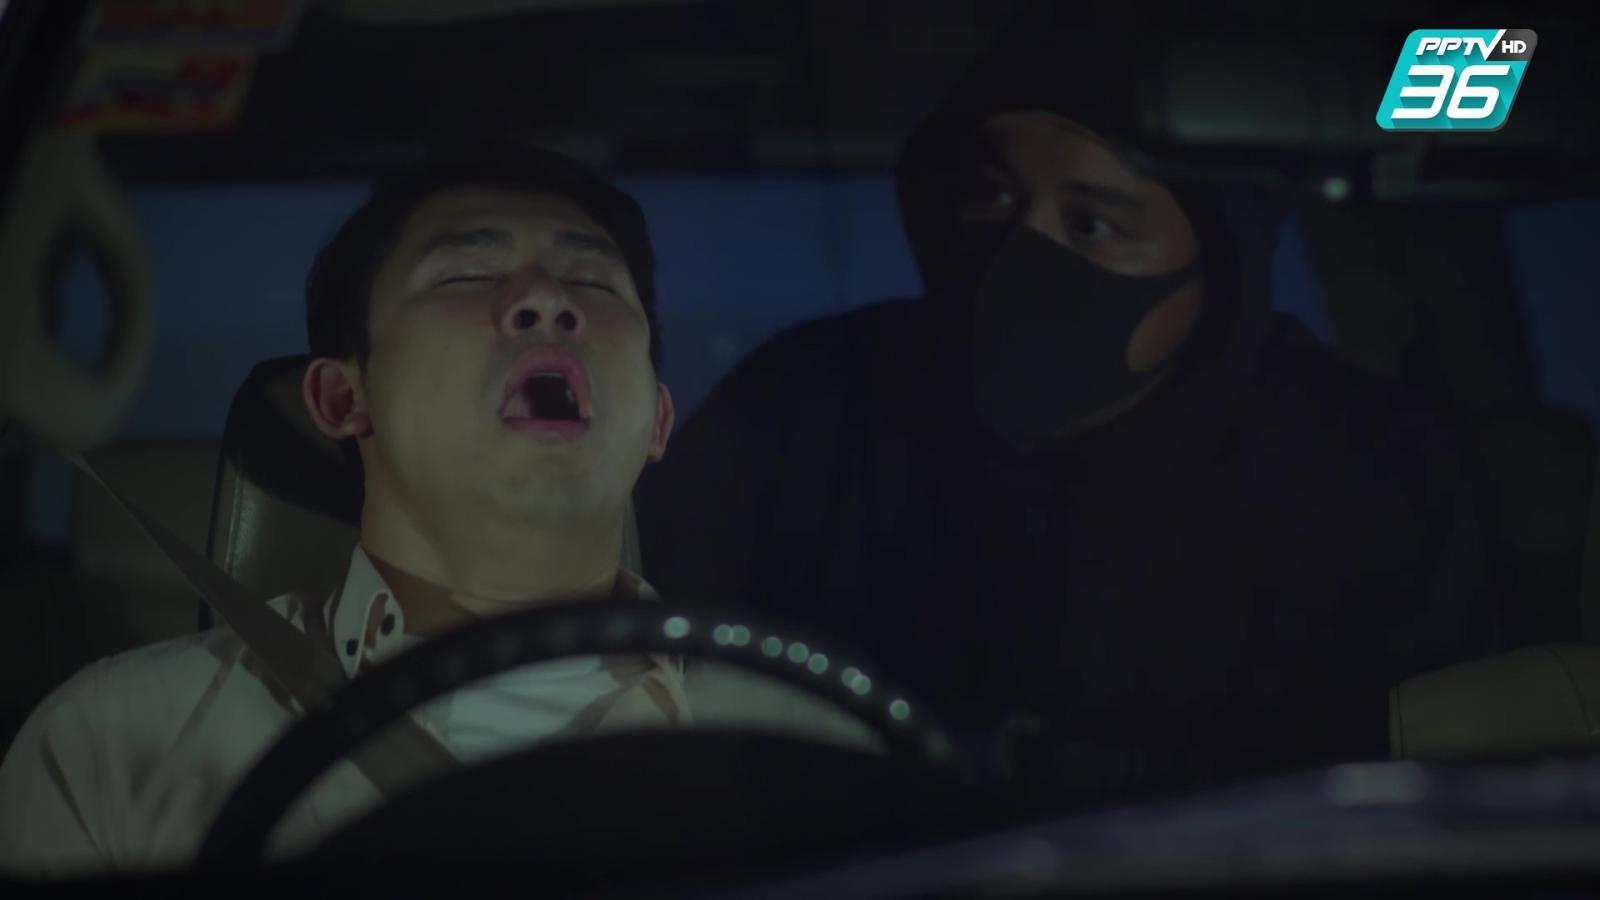 ลวง ฆ่า ล่า รัก  EP.6 | ฟินสุด | สังเวยฆาตกร 4 ศพ